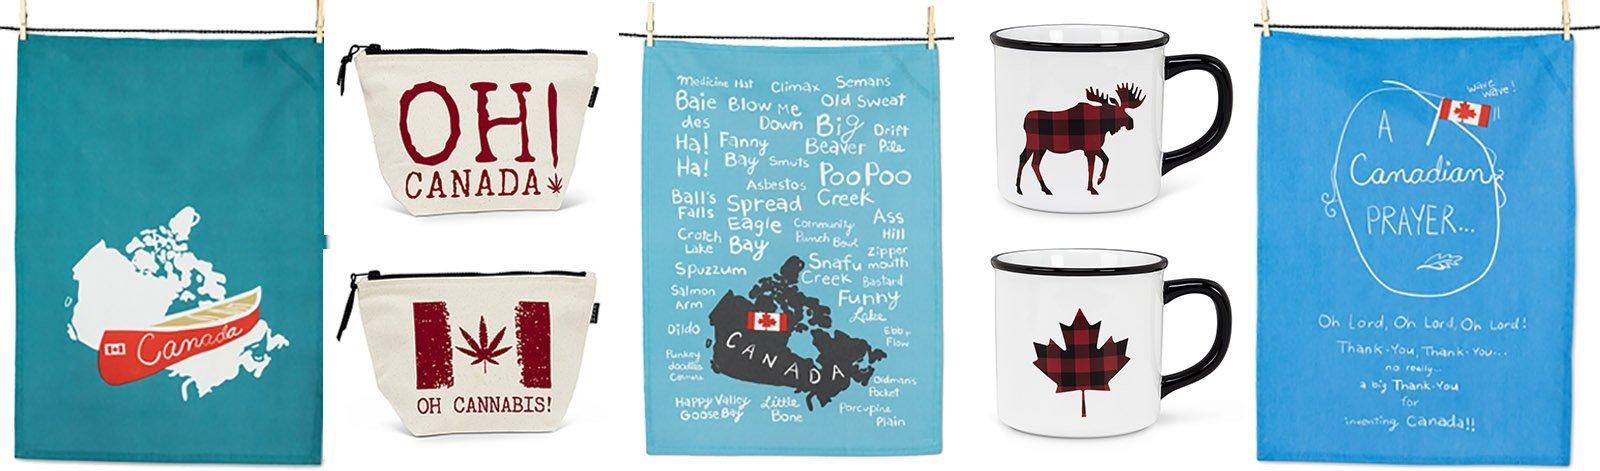 Celebrate Canada Day 2020